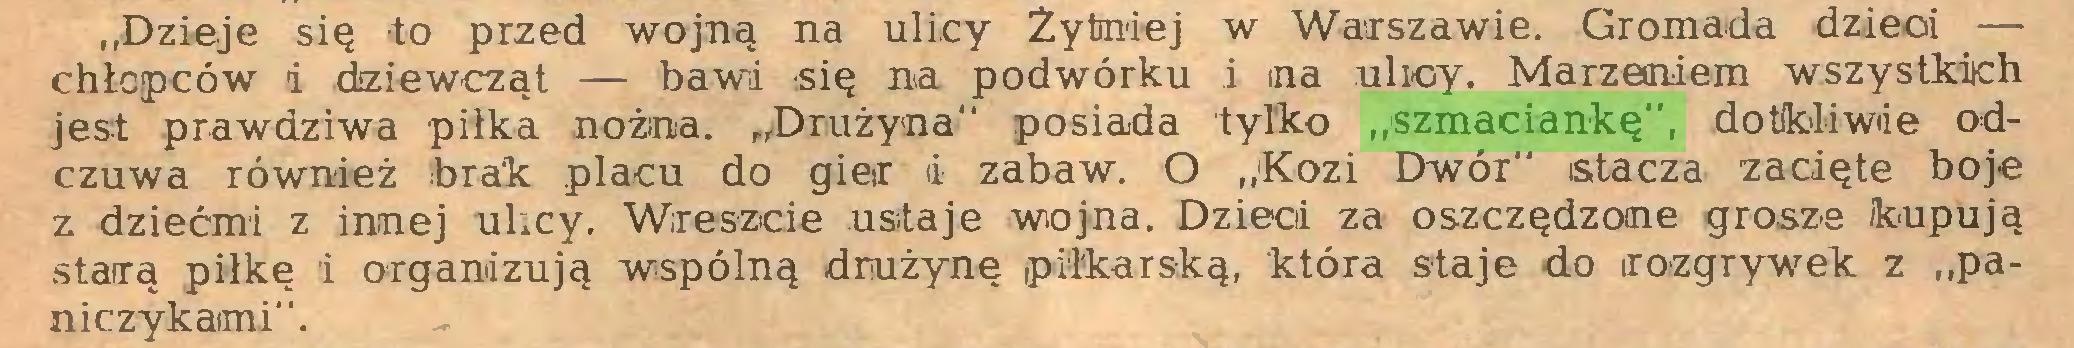 """(...) """"Dzieje się to przed wojną na ulicy Żytniej w Warszawie. Gromada dzieci — chłopców i dziewcząt — bawi się na podwórku i na ulicy. Marzeniem wszystkich jest prawdziwa piłka nożna. """"Drużyna"""" posiada tylko """"szmaciankę"""", dotkliwie odczuwa również brak placu do gier i zabaw. O """"Kozi Dwór"""" stacza zacięte boje z dziećmi z innej ulicy. Wreszcie ustaje wojna. Dzieci za oszczędzone grosze kupują starą piłkę i organizują wspólną drużynę piłkarską, która staje do rozgrywek z """"paniczykaimi""""..."""